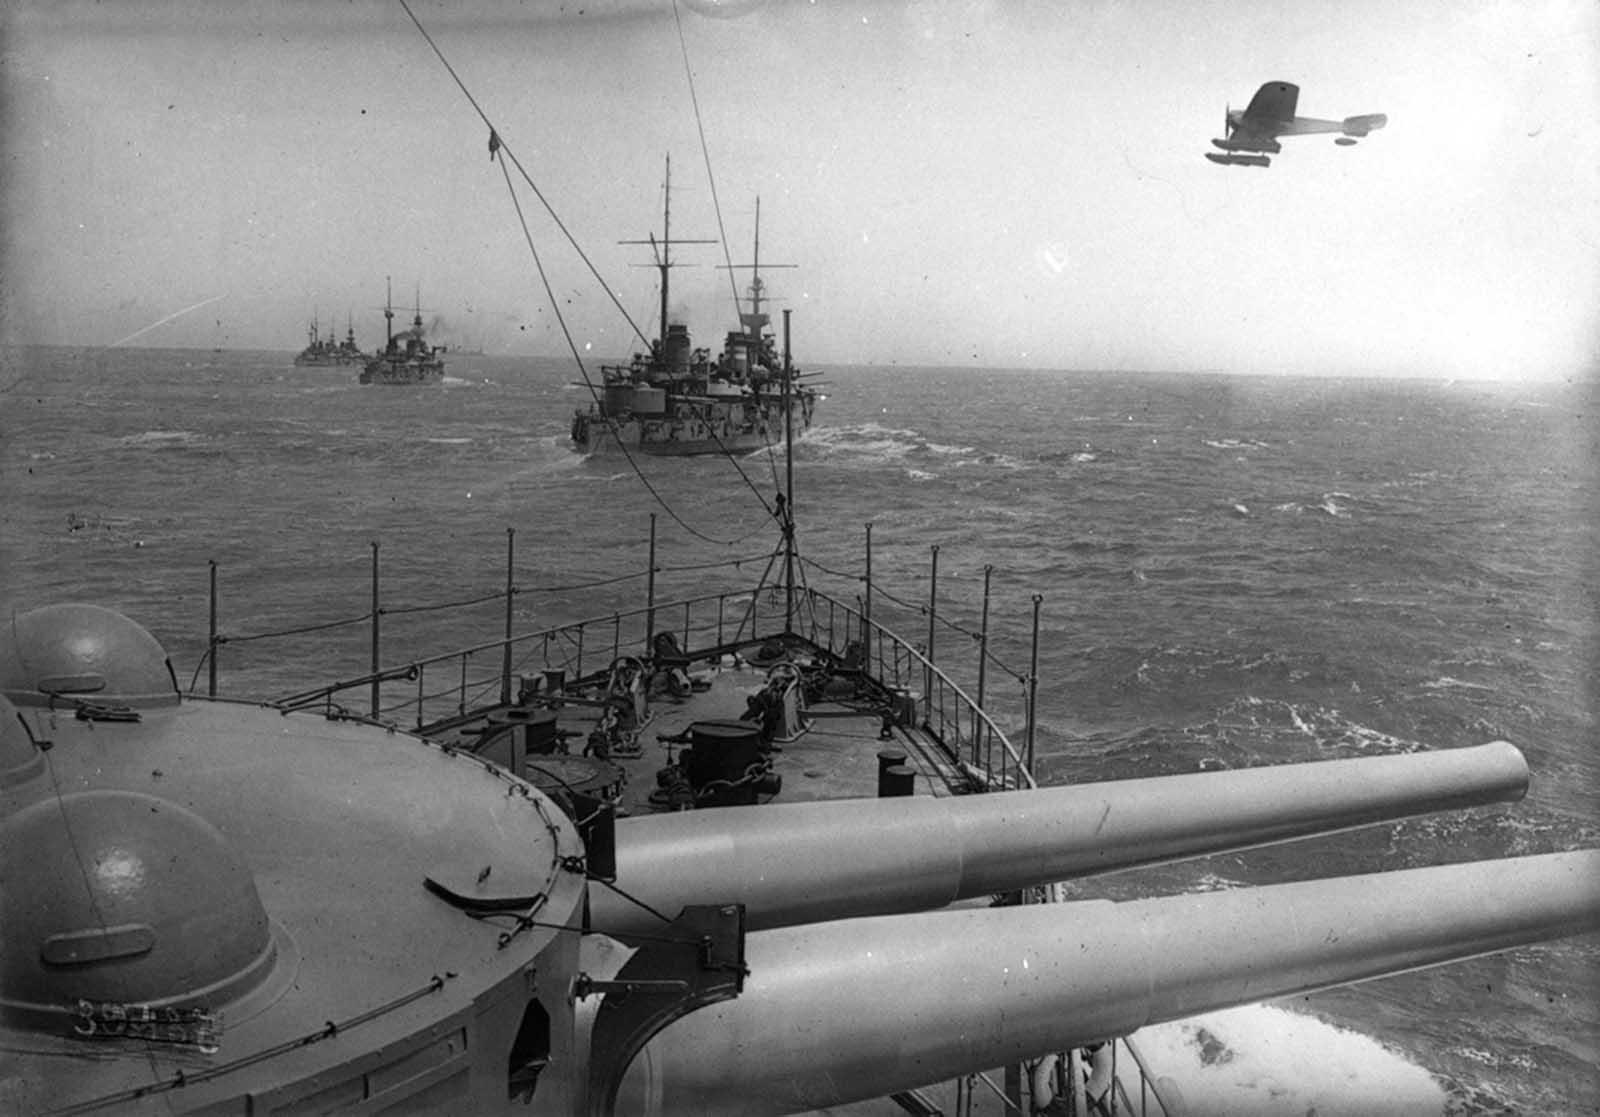 Szövetséges hadihajók a tengeren, repülőgép repülés, 1915.